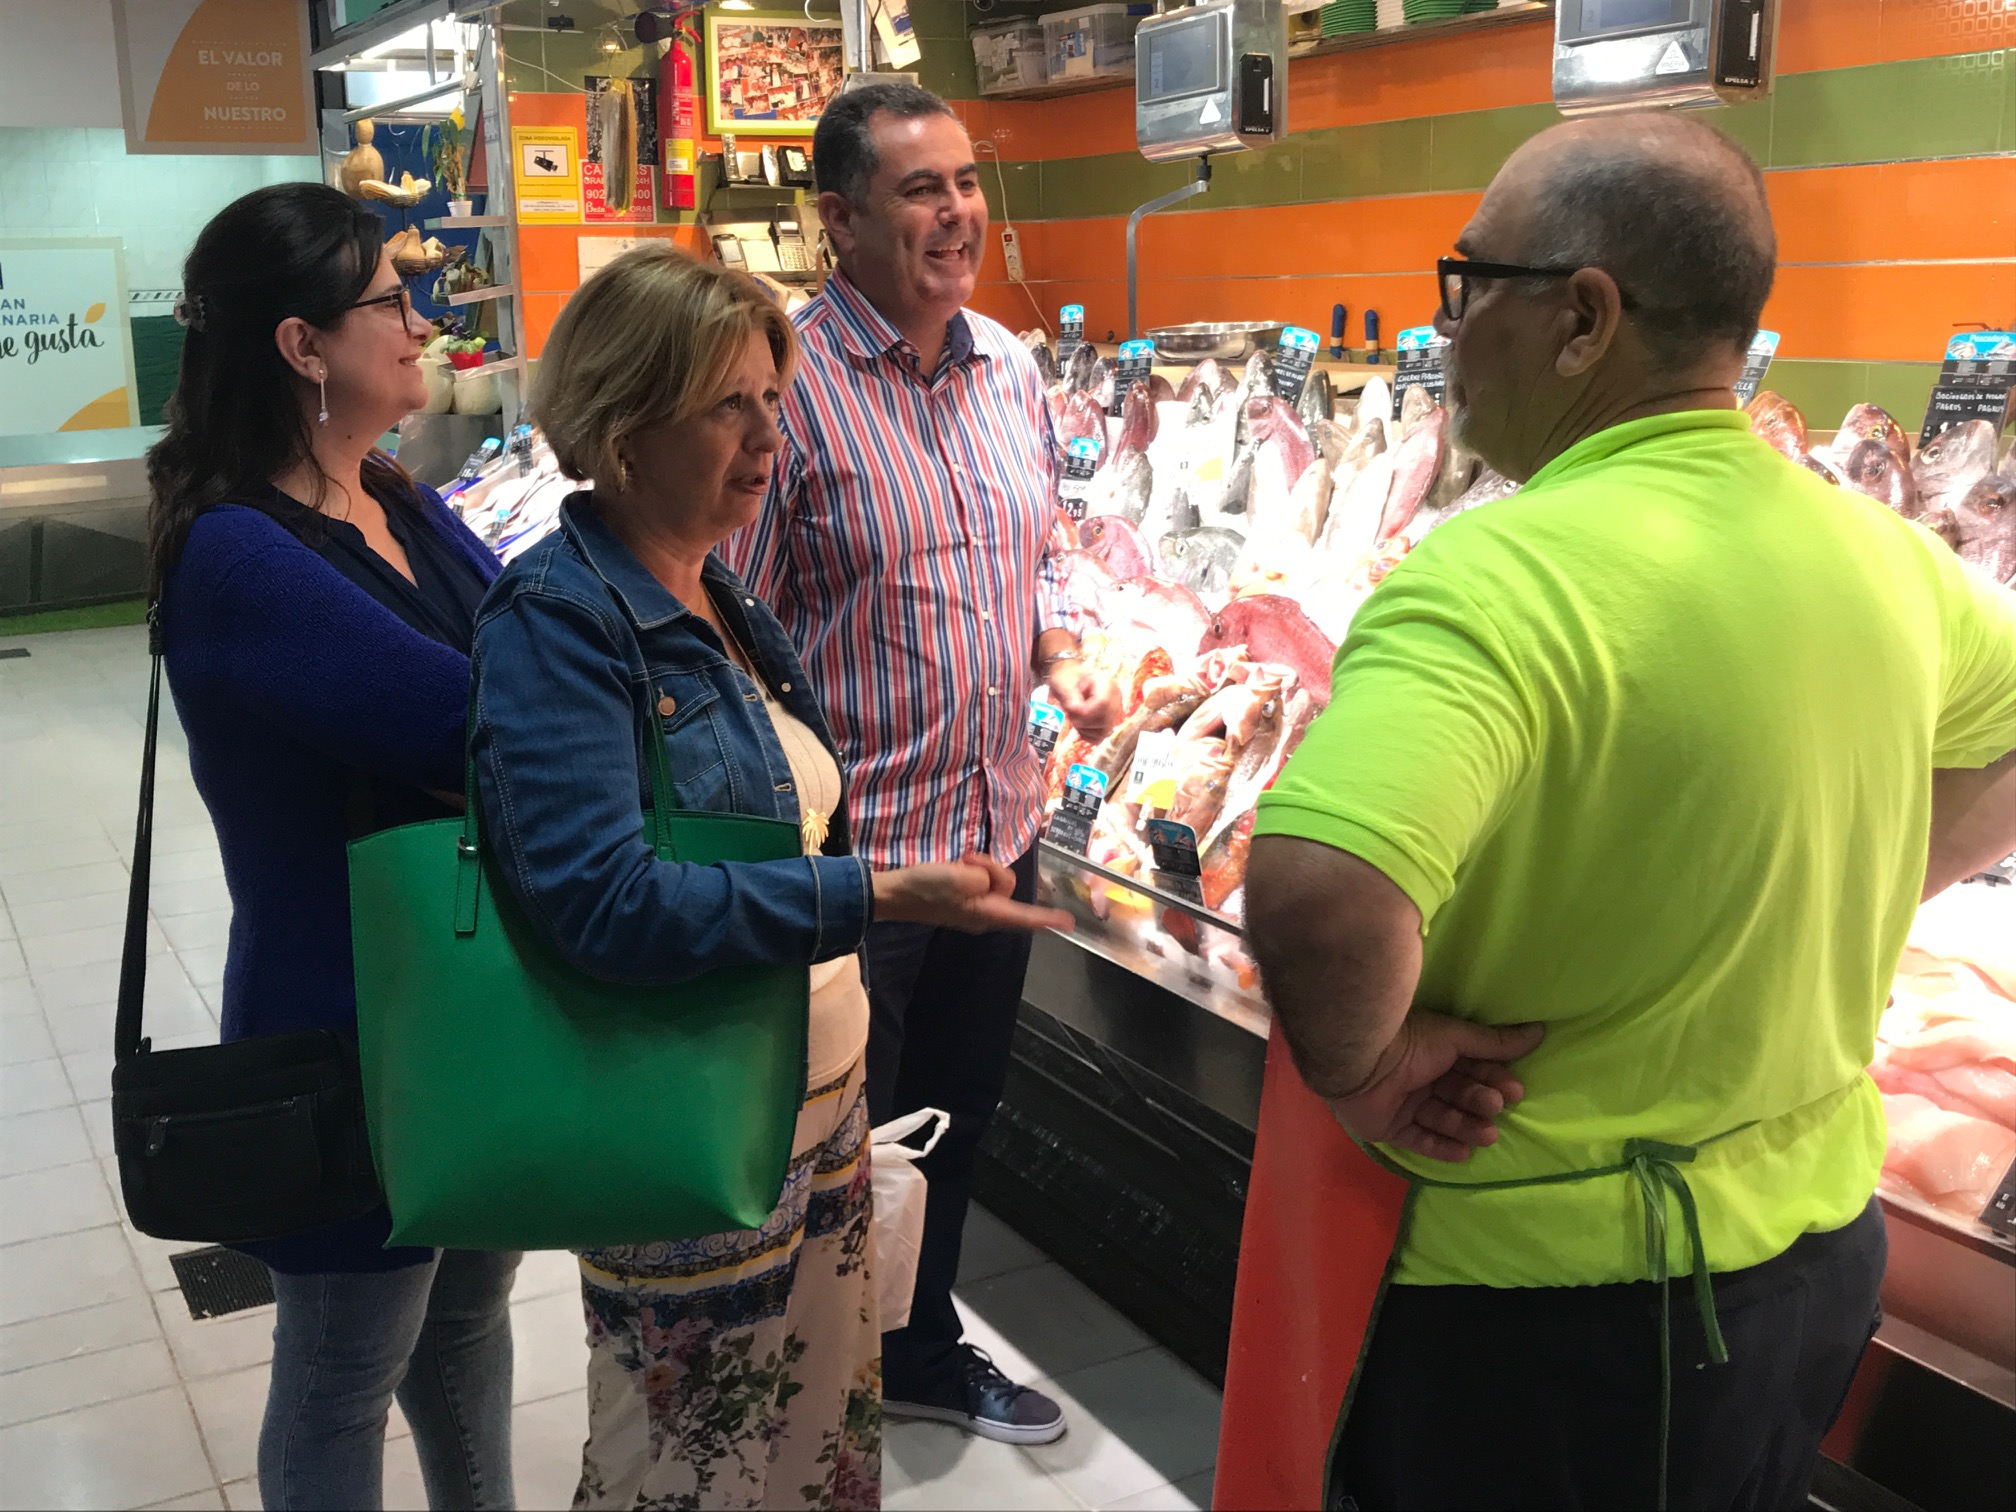 Luzardo que visitó el Mercado de Altavista junto a los concejales Rosa Viera e Ignacio Guerra